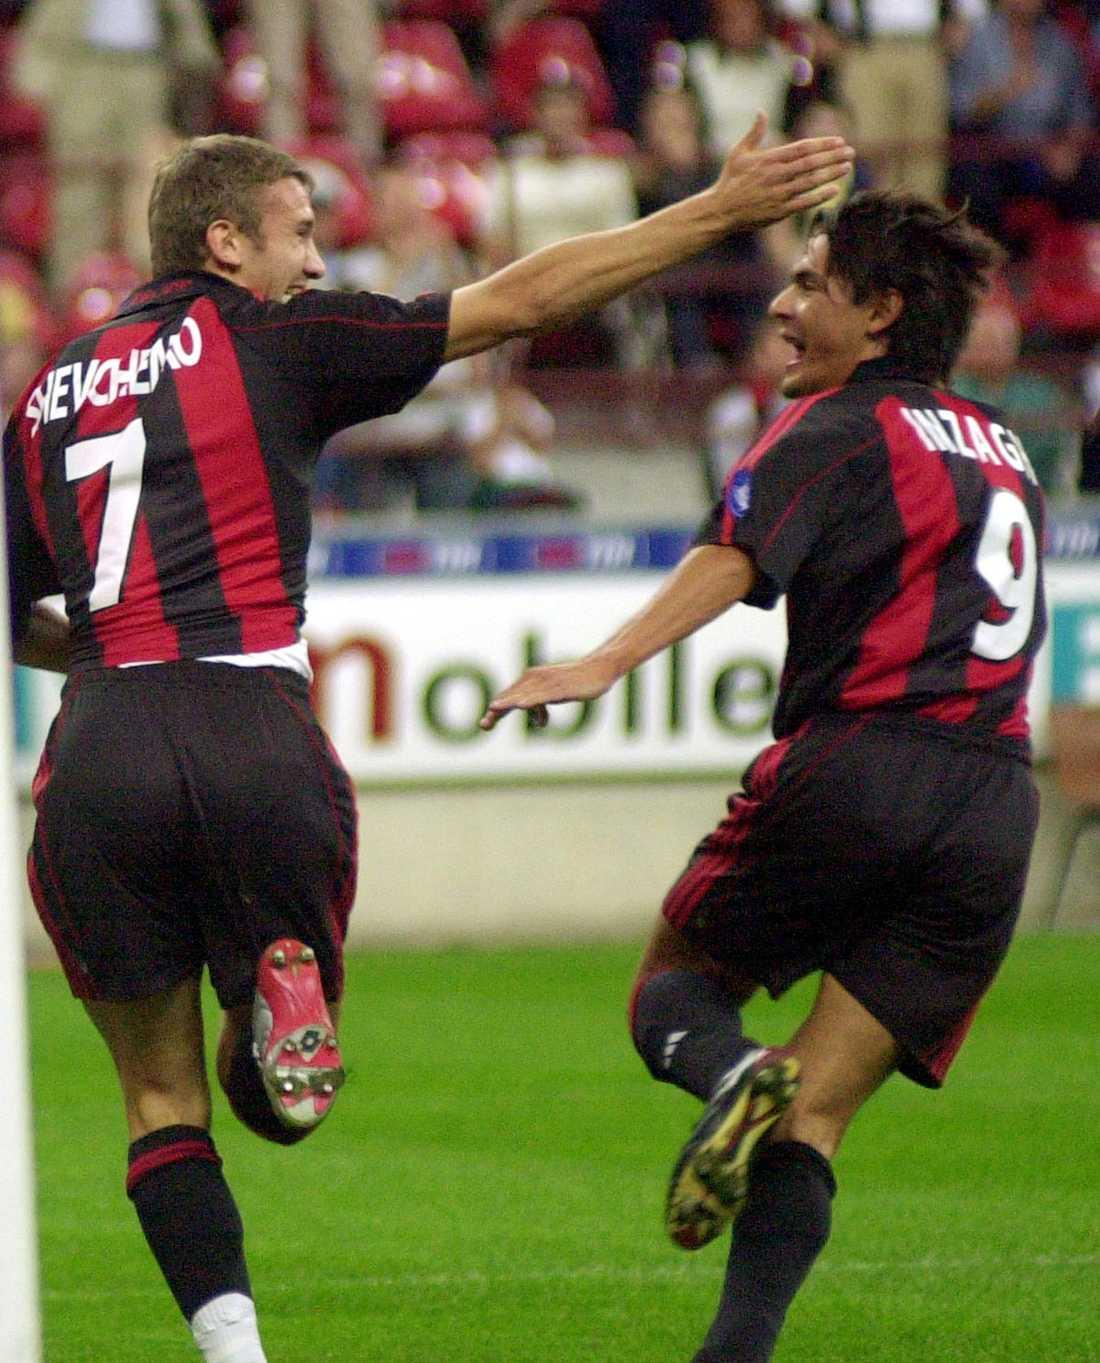 Filippo jublar med Andrij Sjevtjenko. Efter Inzaghis mål mot Real Madrid står de på lika många Champions League-mål för Milan, 29 var.